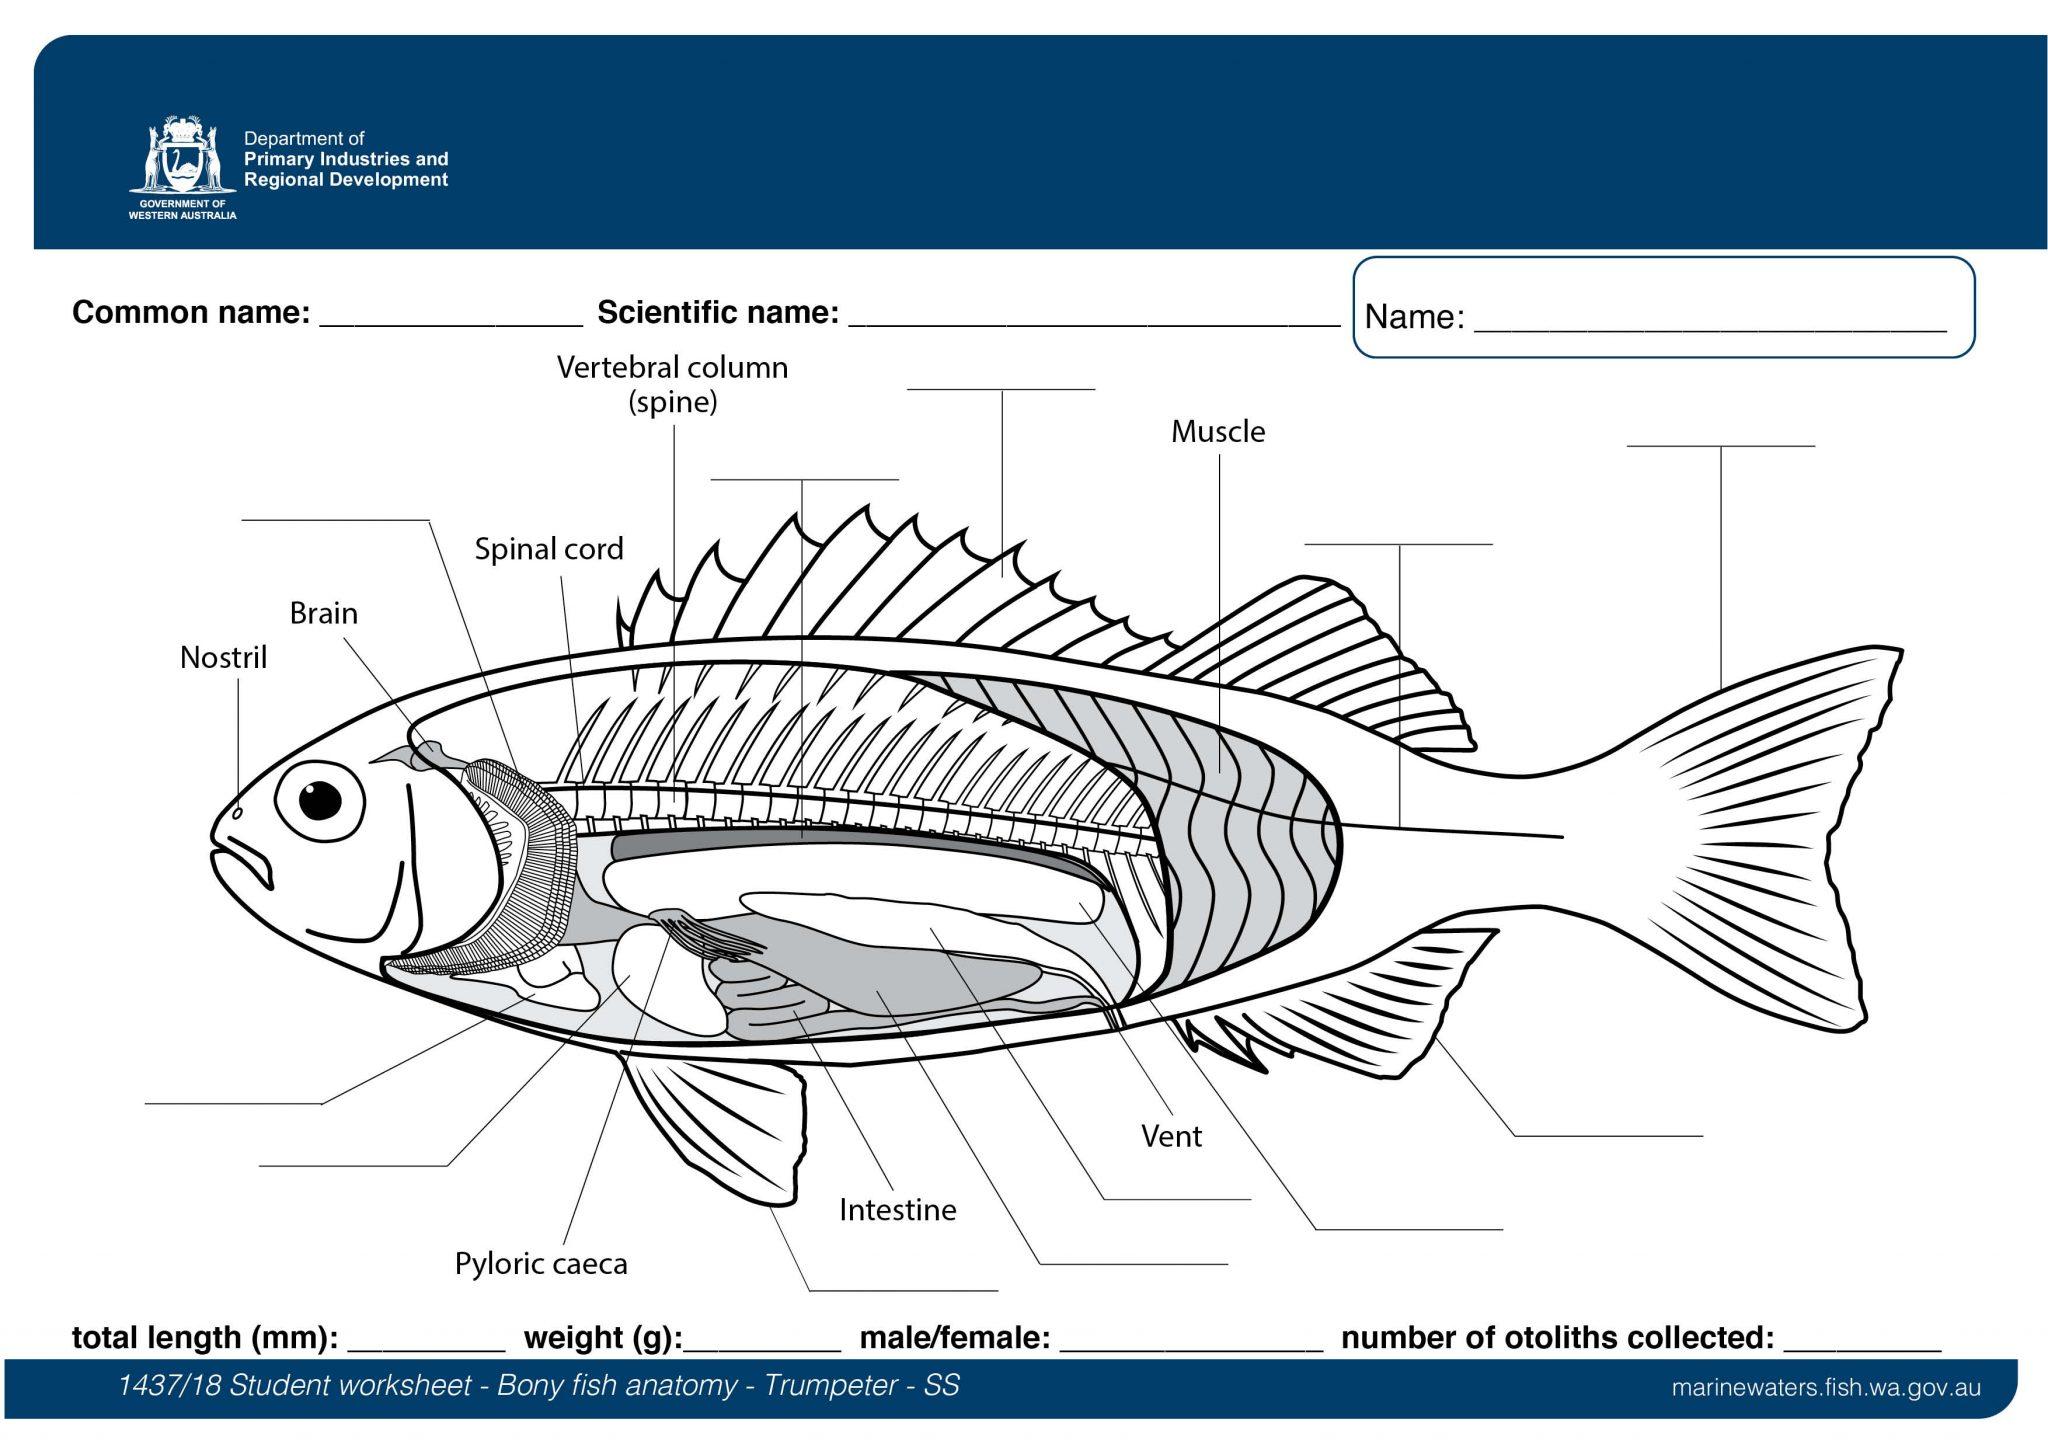 Student Worksheet Bony Fish Anatomy